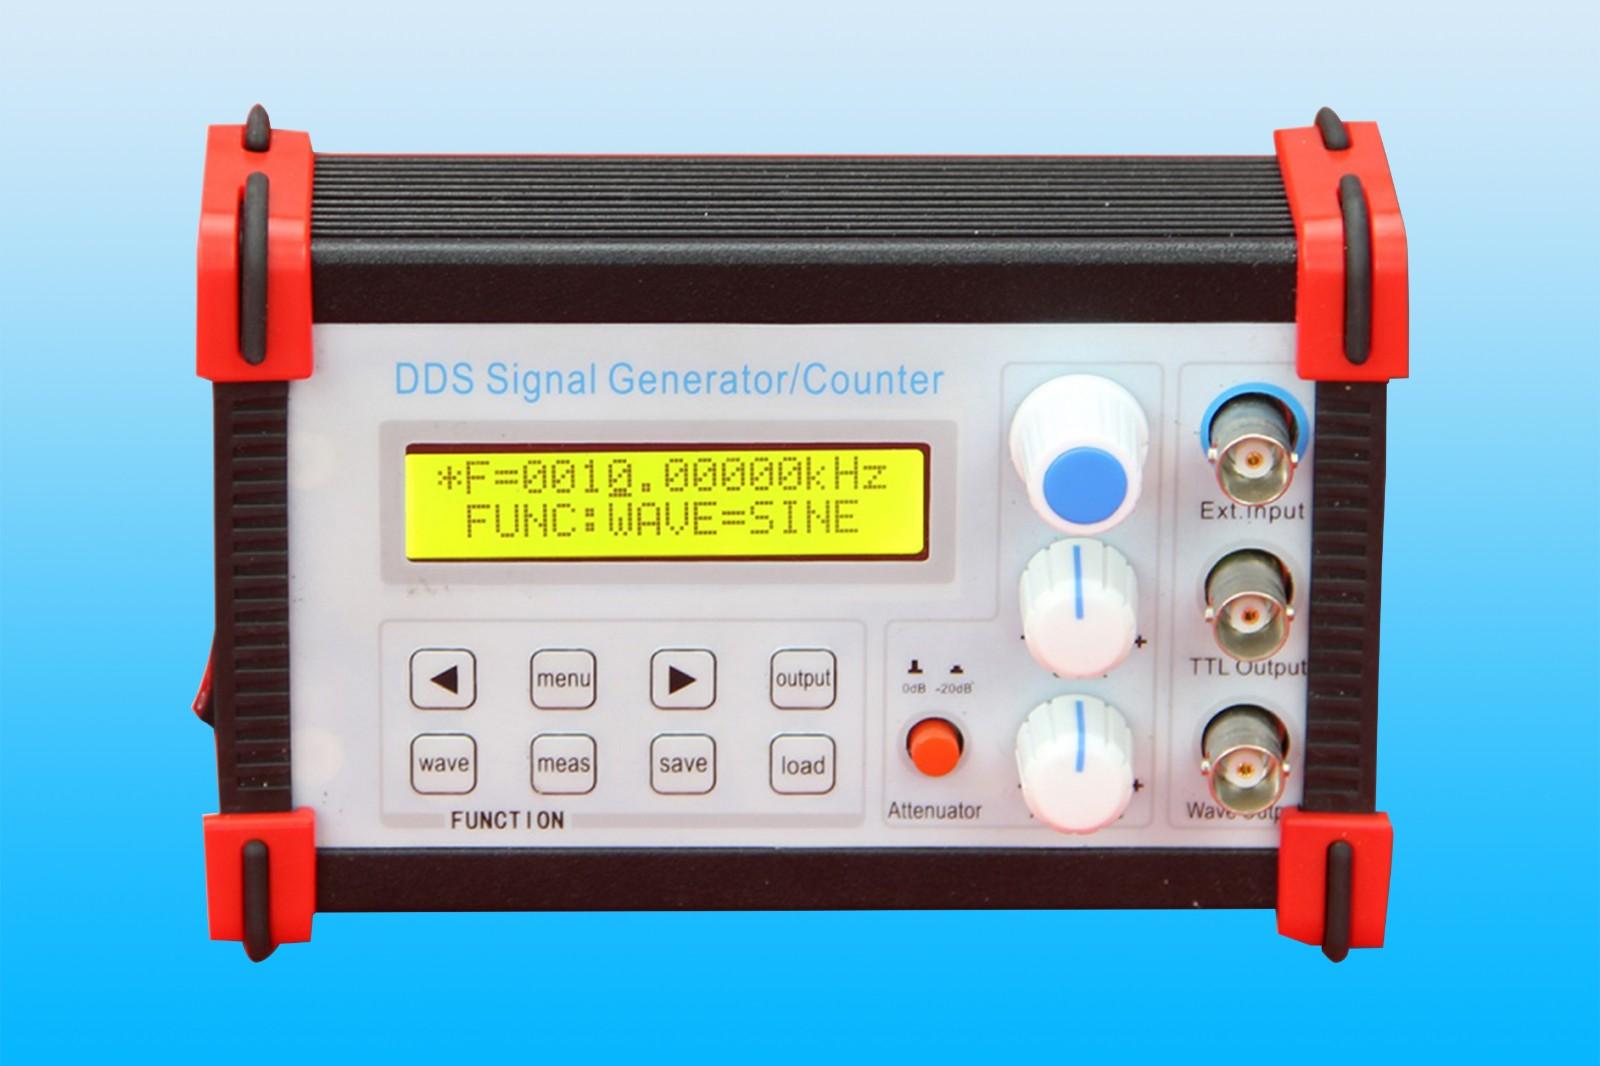 HP-DDS 便携式函数信号发生器